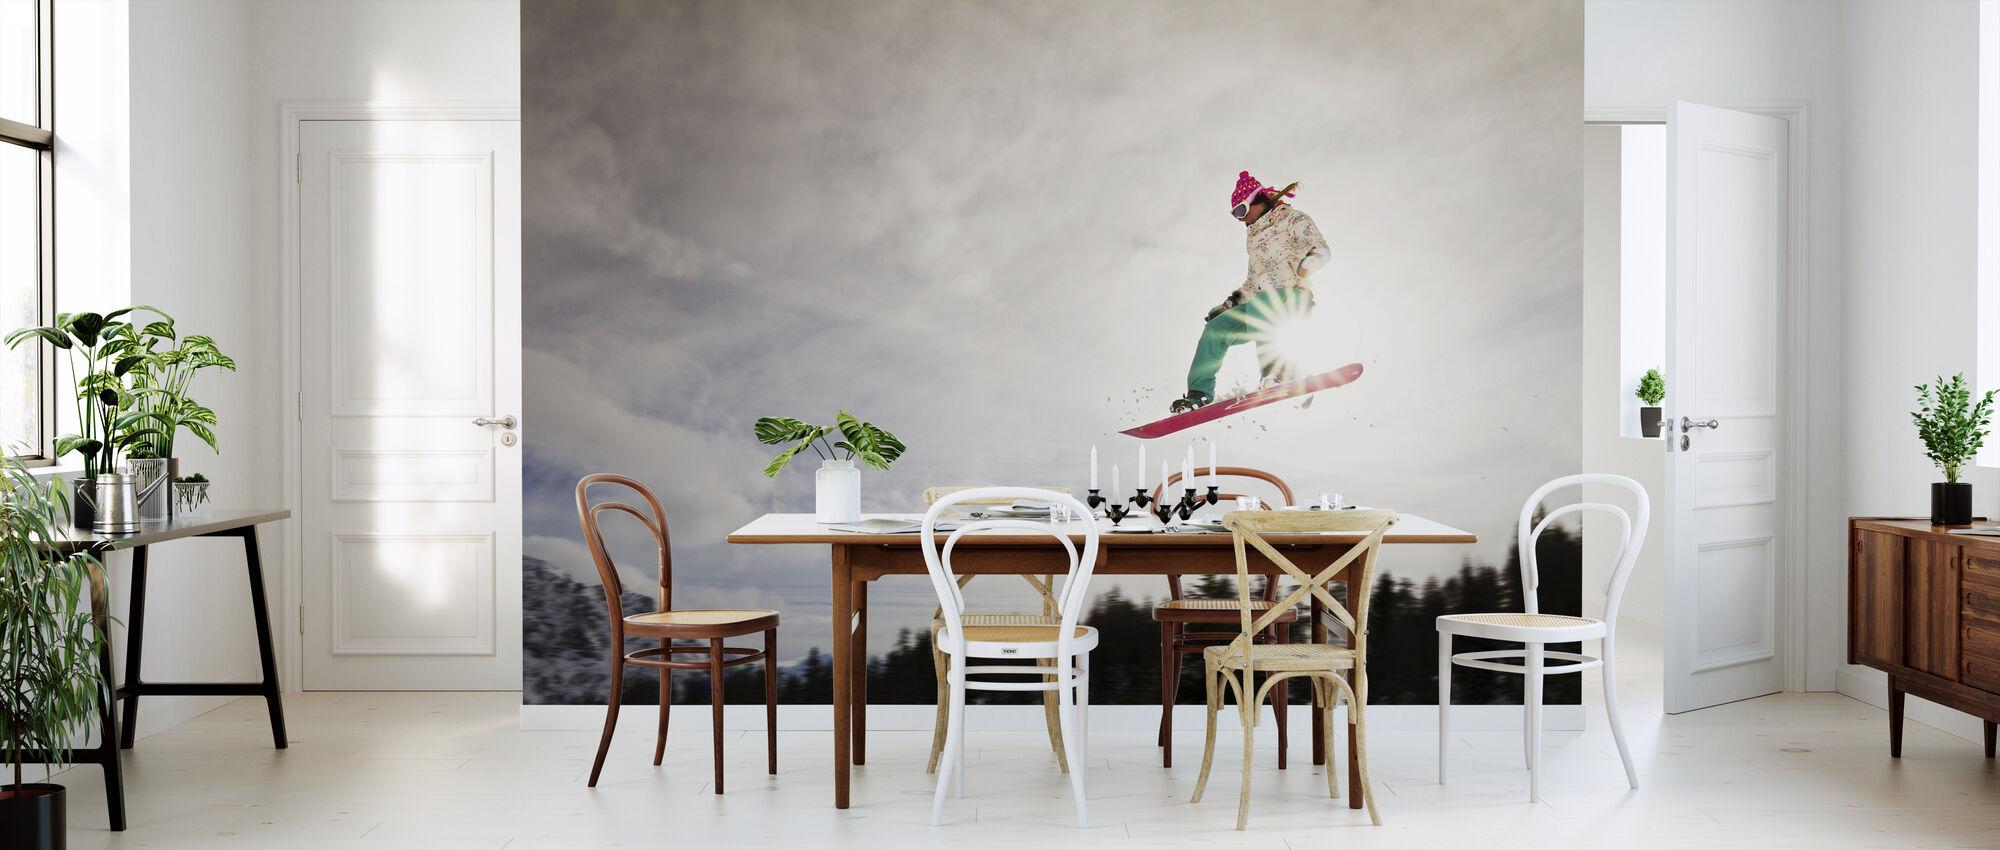 Snowboard Sunshine Jump - Wallpaper - Kitchen